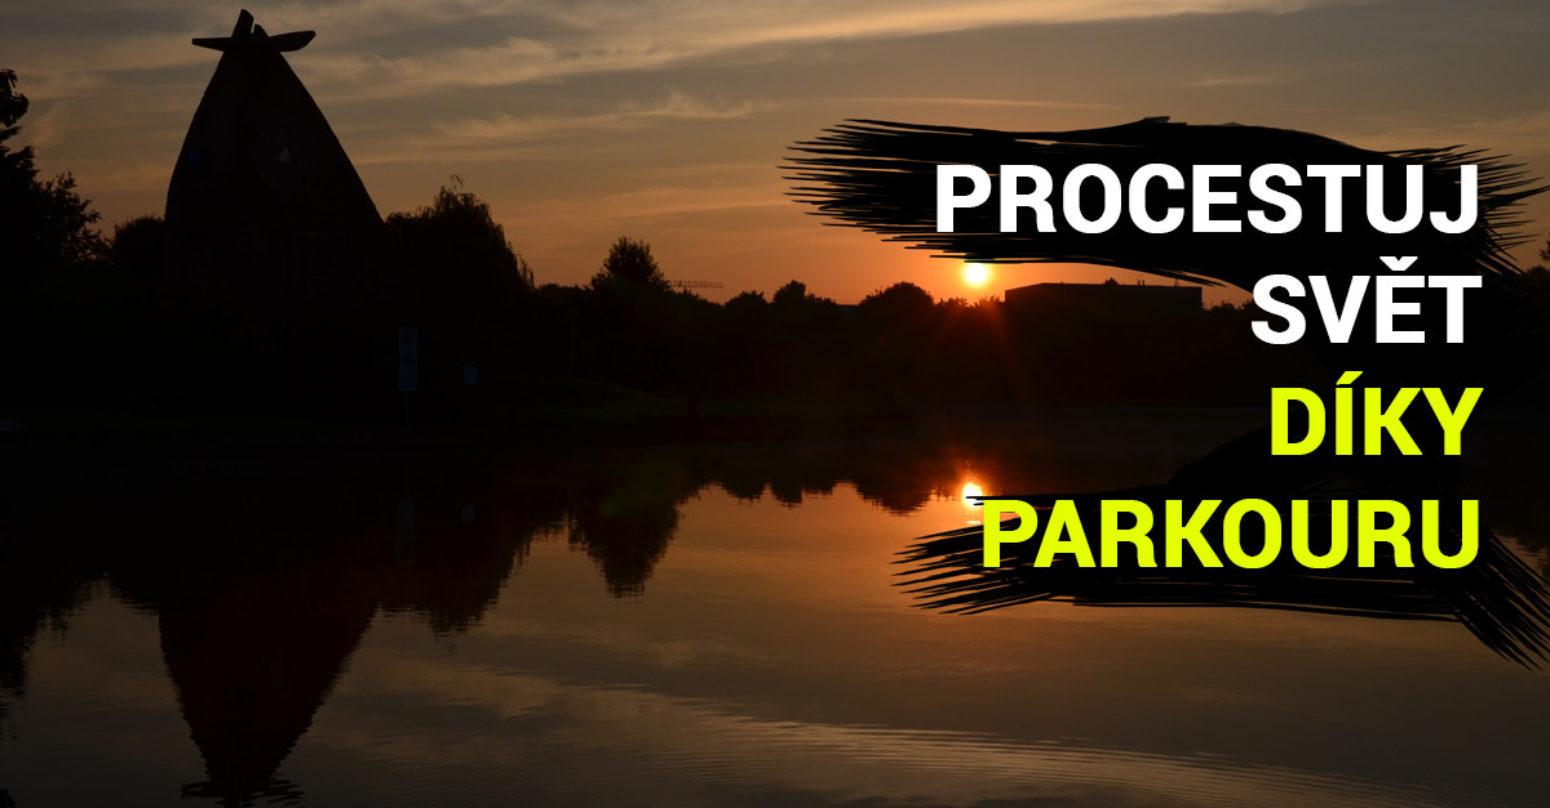 5-zpusobu-jak-diky-parkouru-procestovat-svet